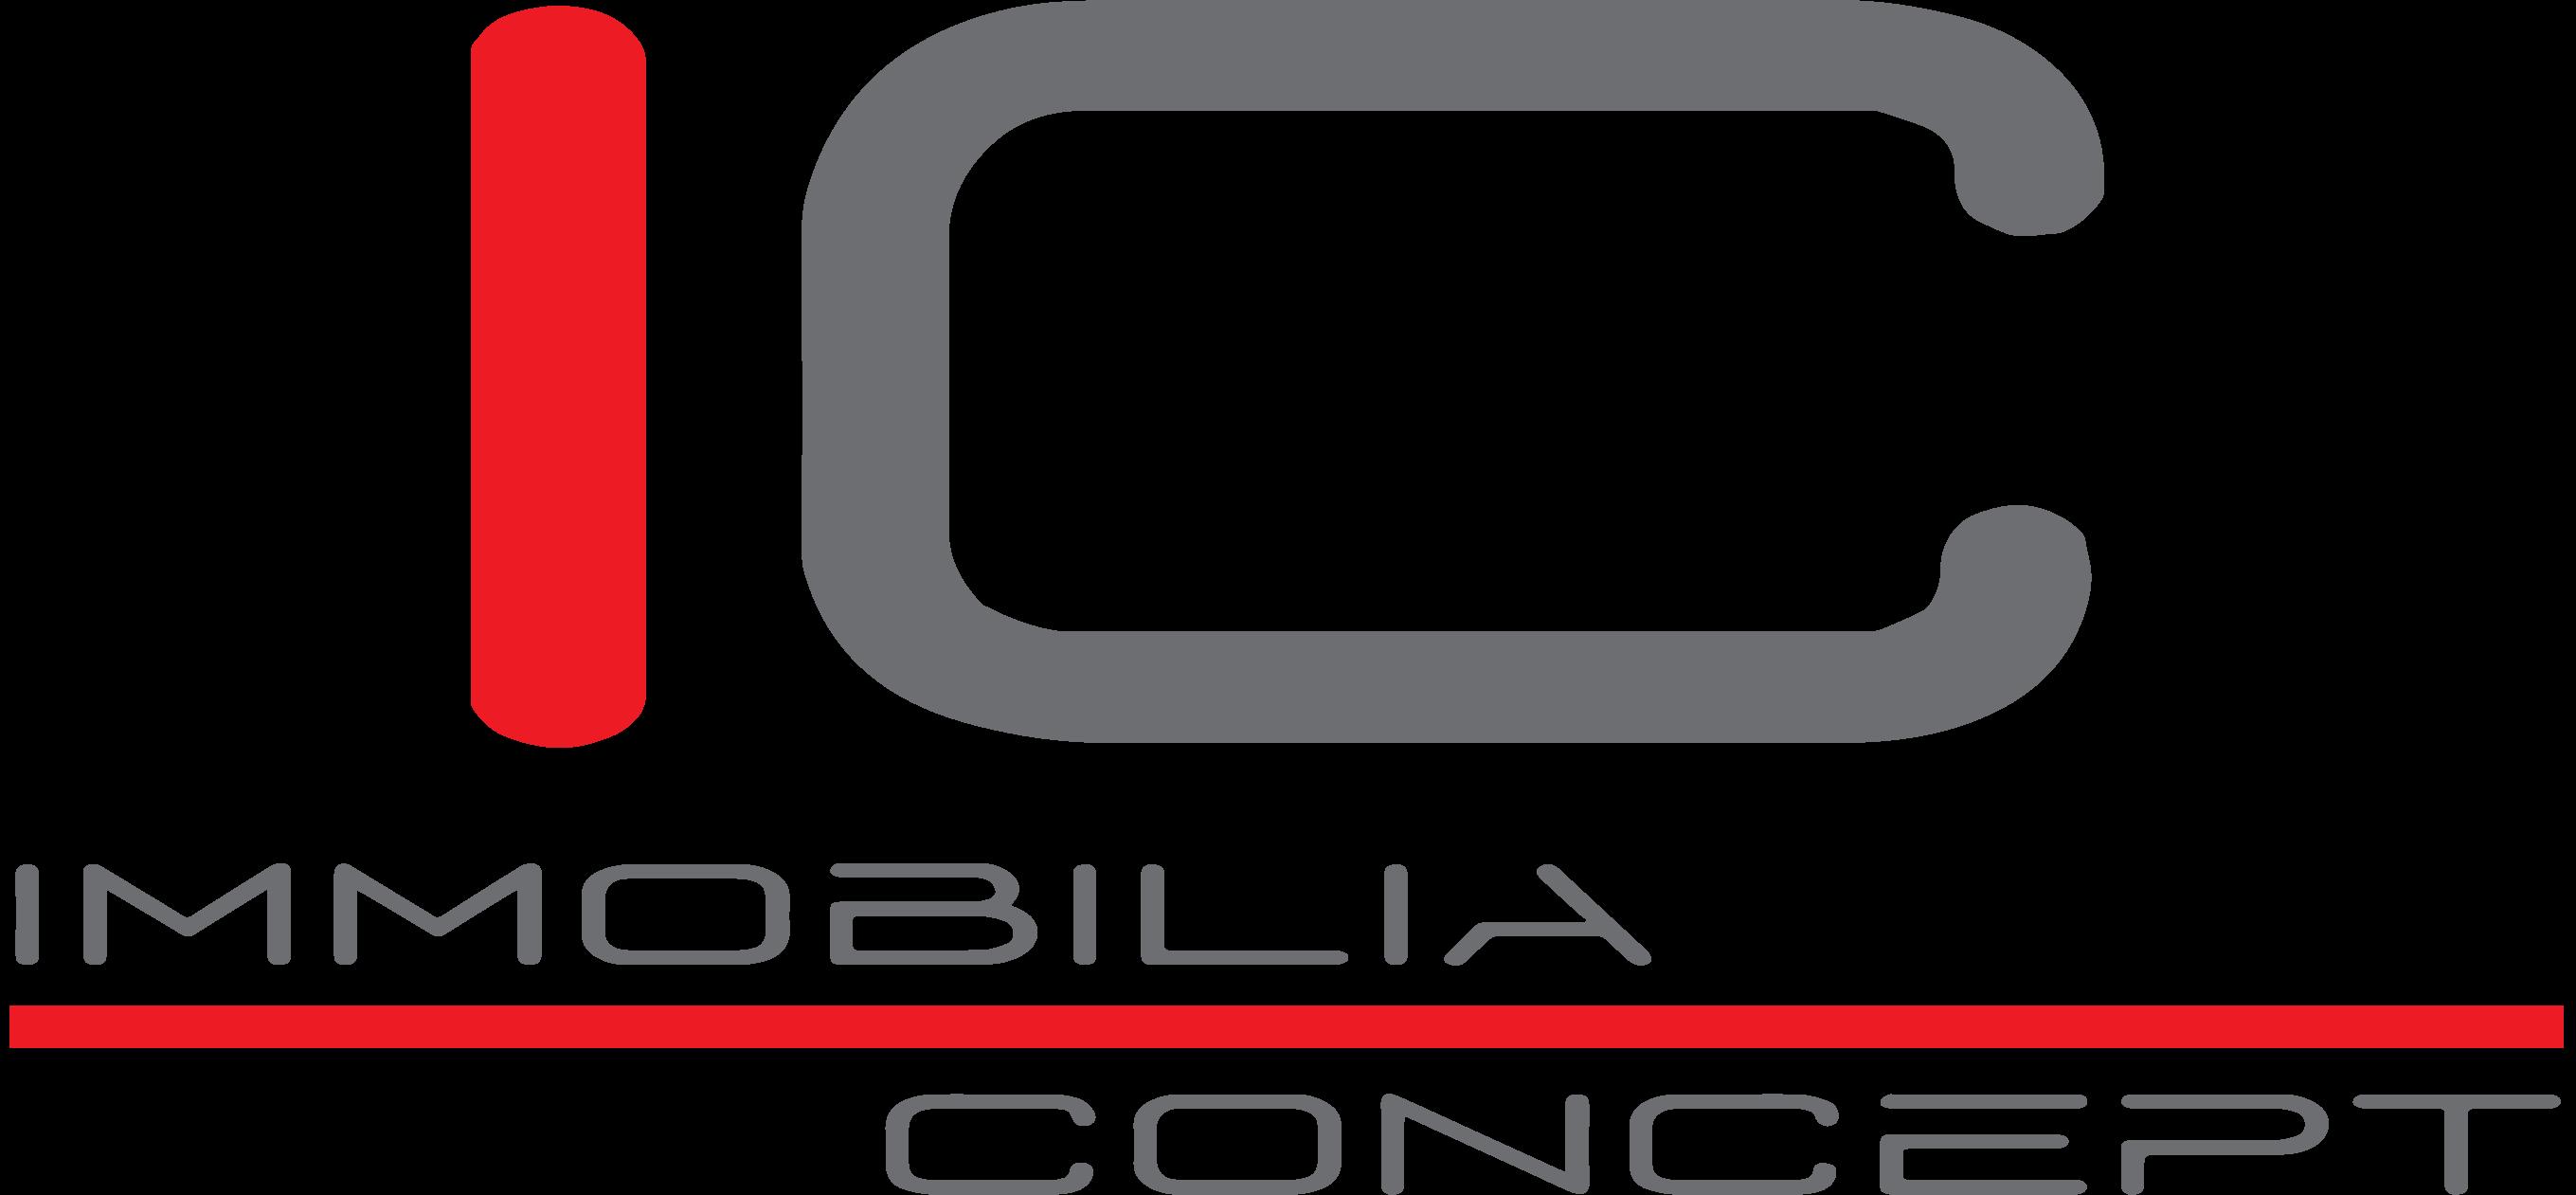 IMMOBILIA CONCEPT